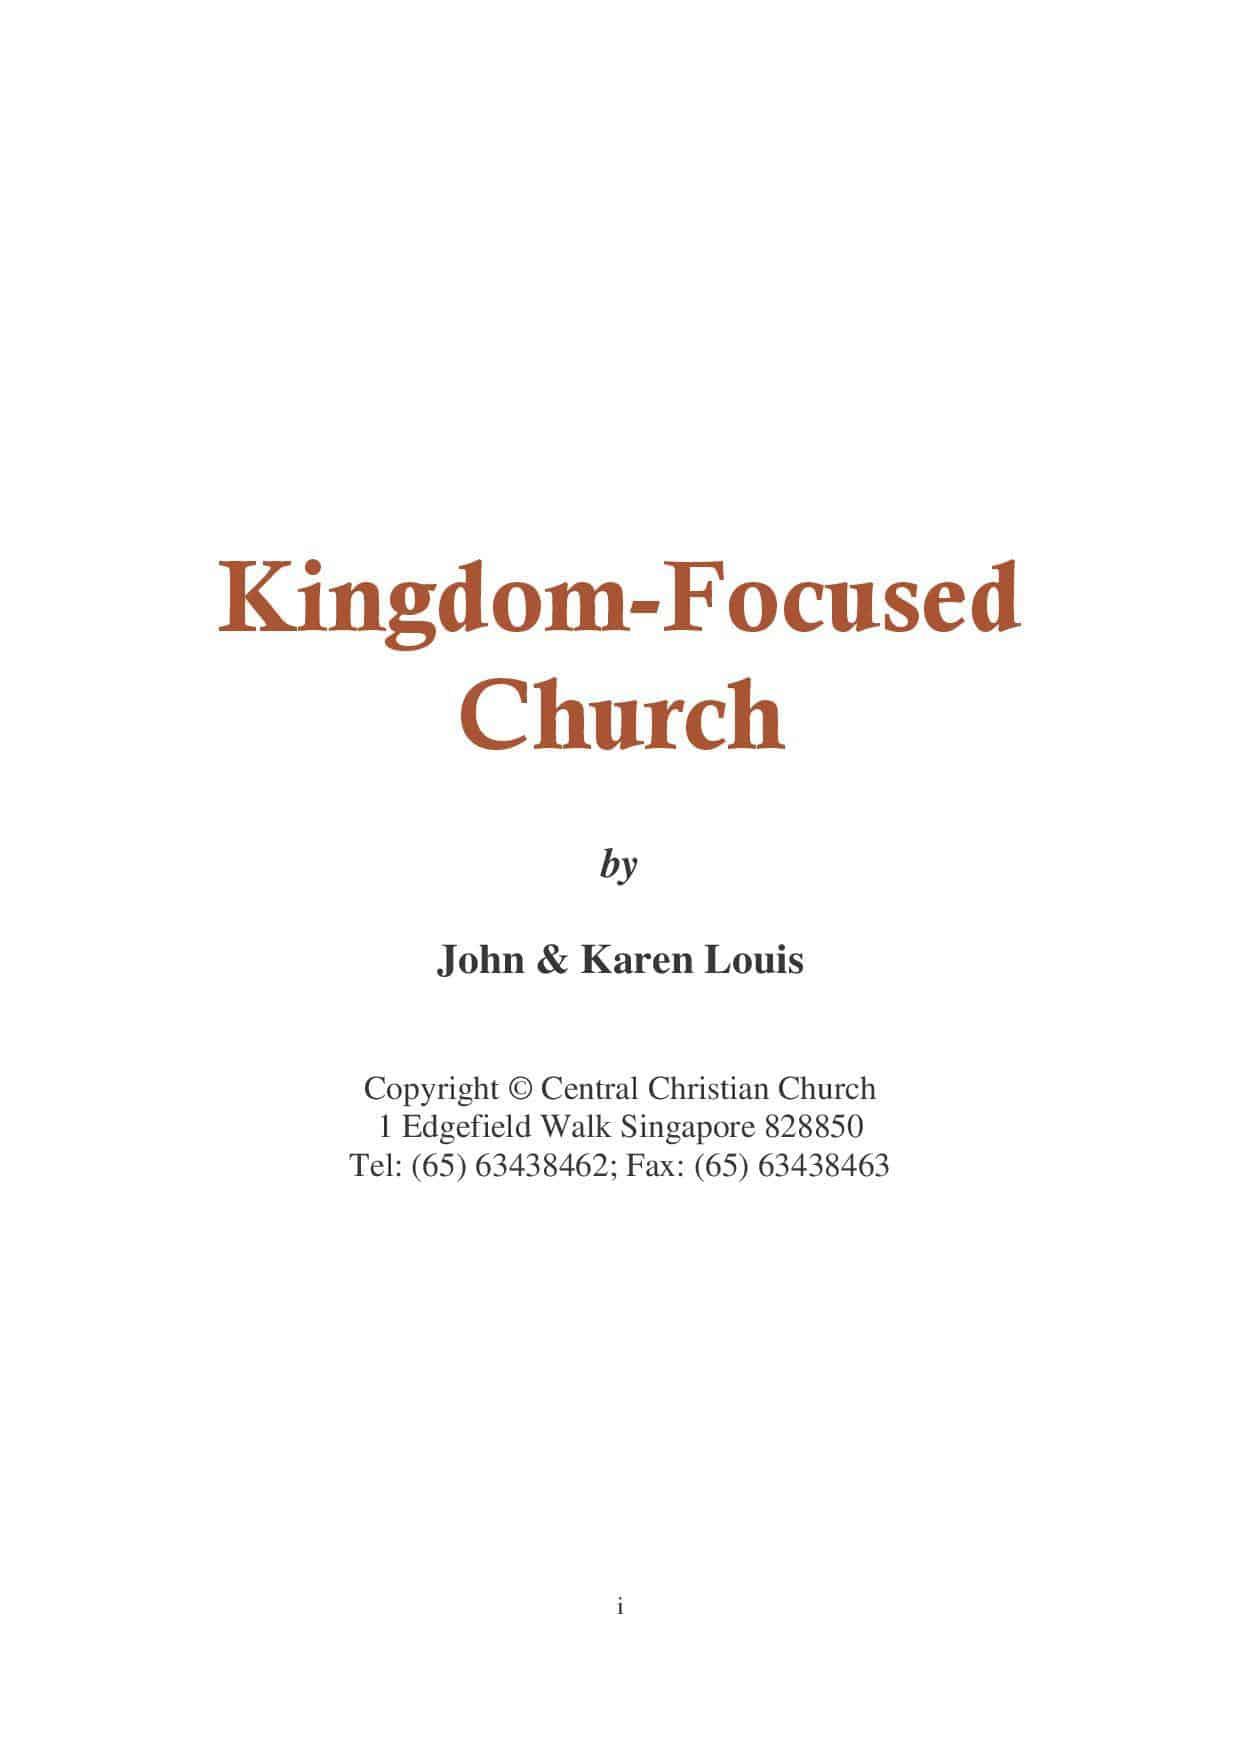 Kingdom-Focused Church (2007)